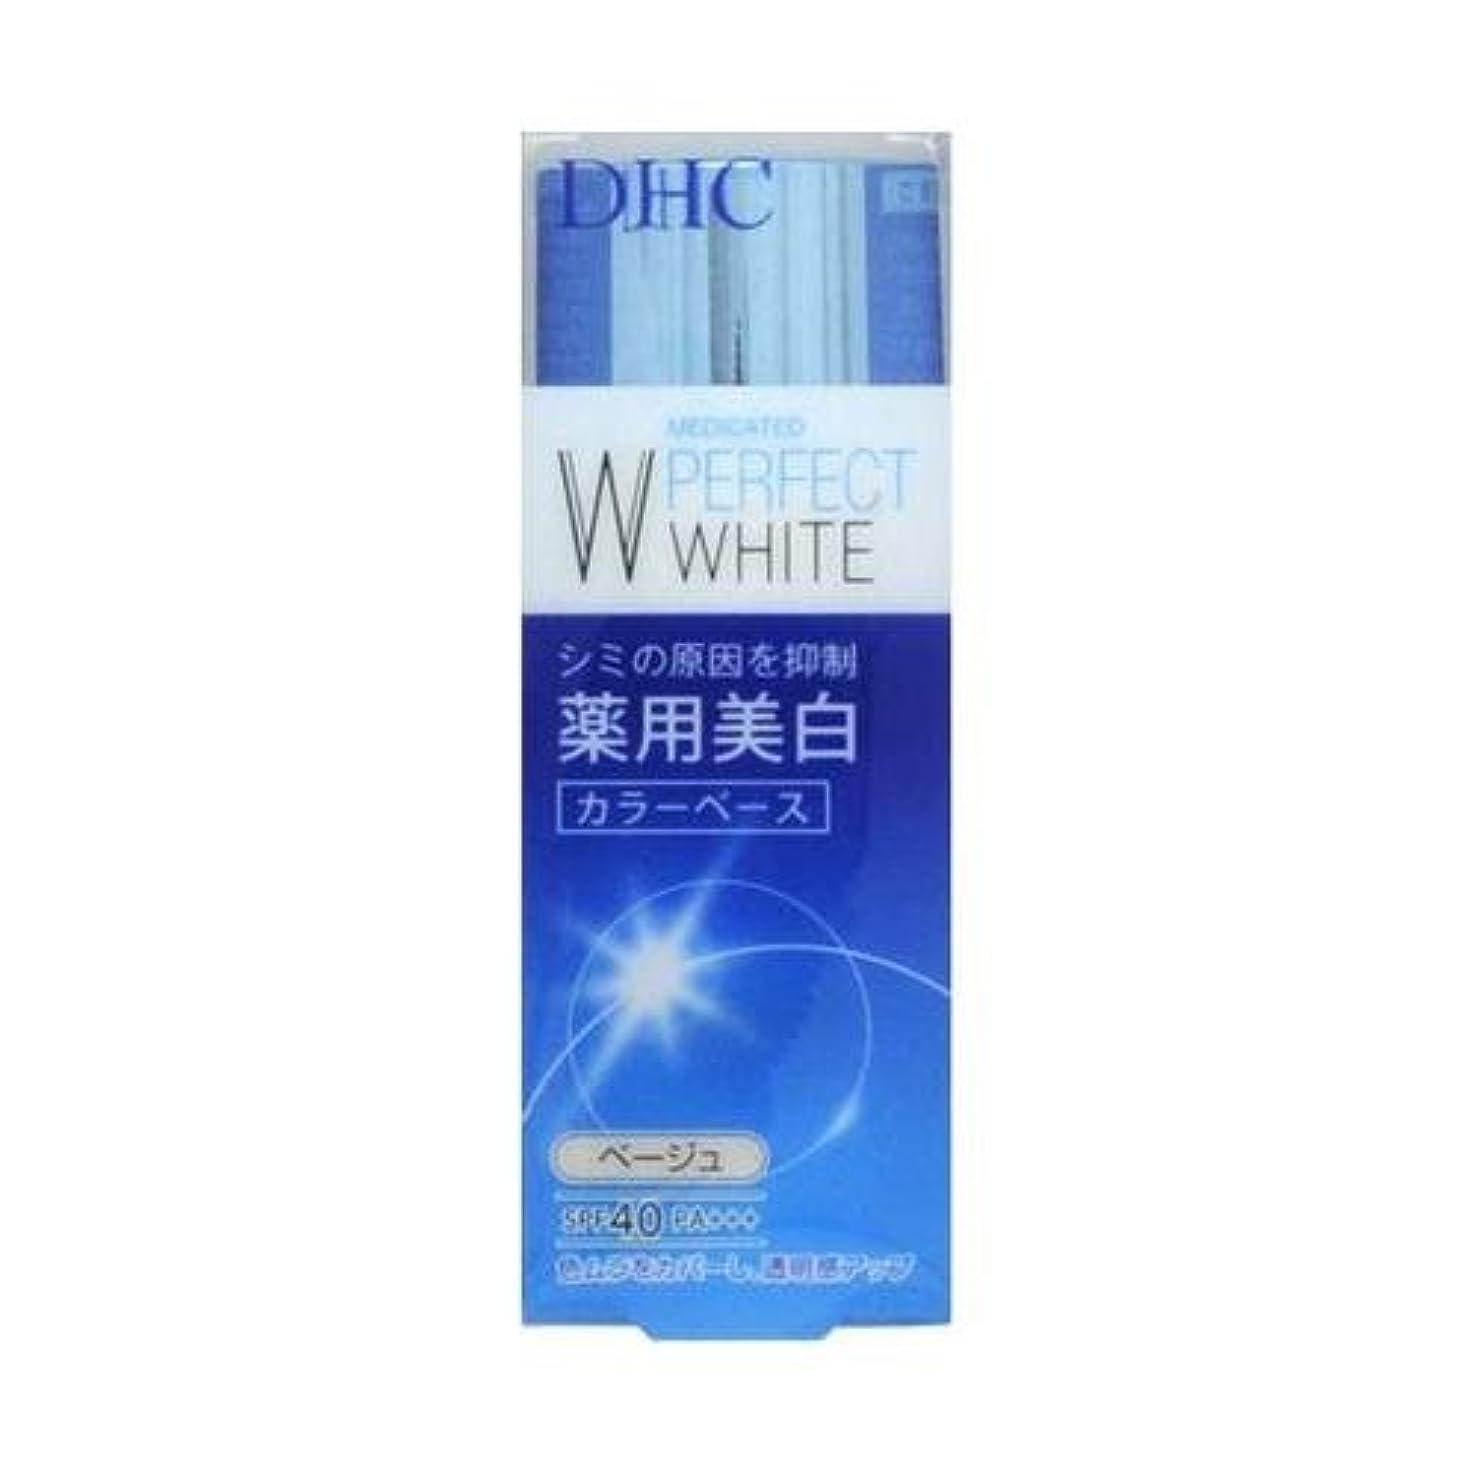 シャークアヒル必需品DHC 薬用パーフェクトホワイト カラーベース アプリコット 30g(医薬部外品)